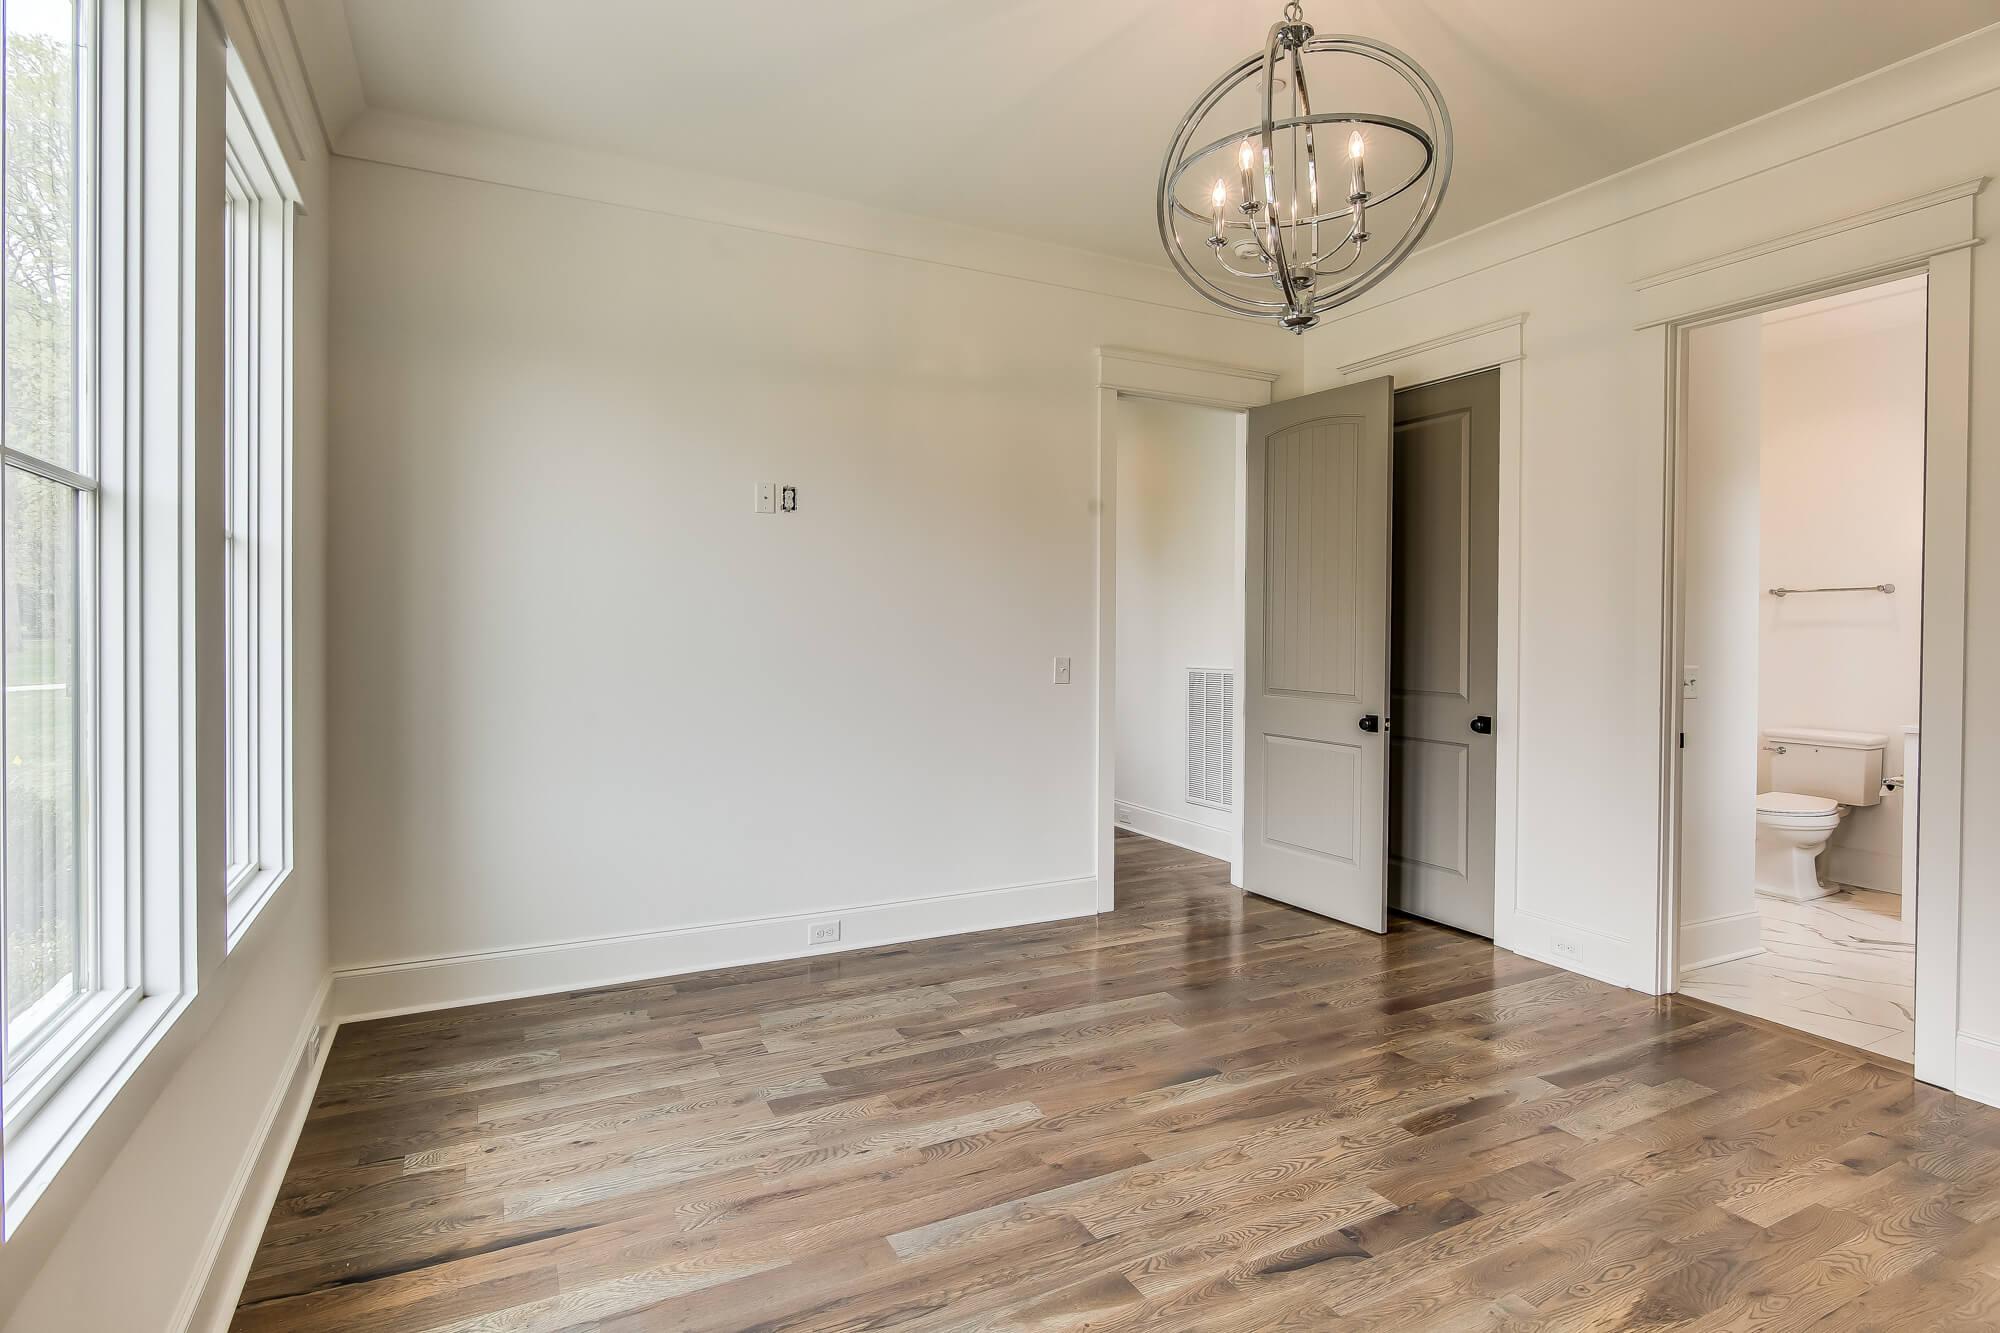 chandelier-development-nashville-tennessee-home-builder--52.jpg